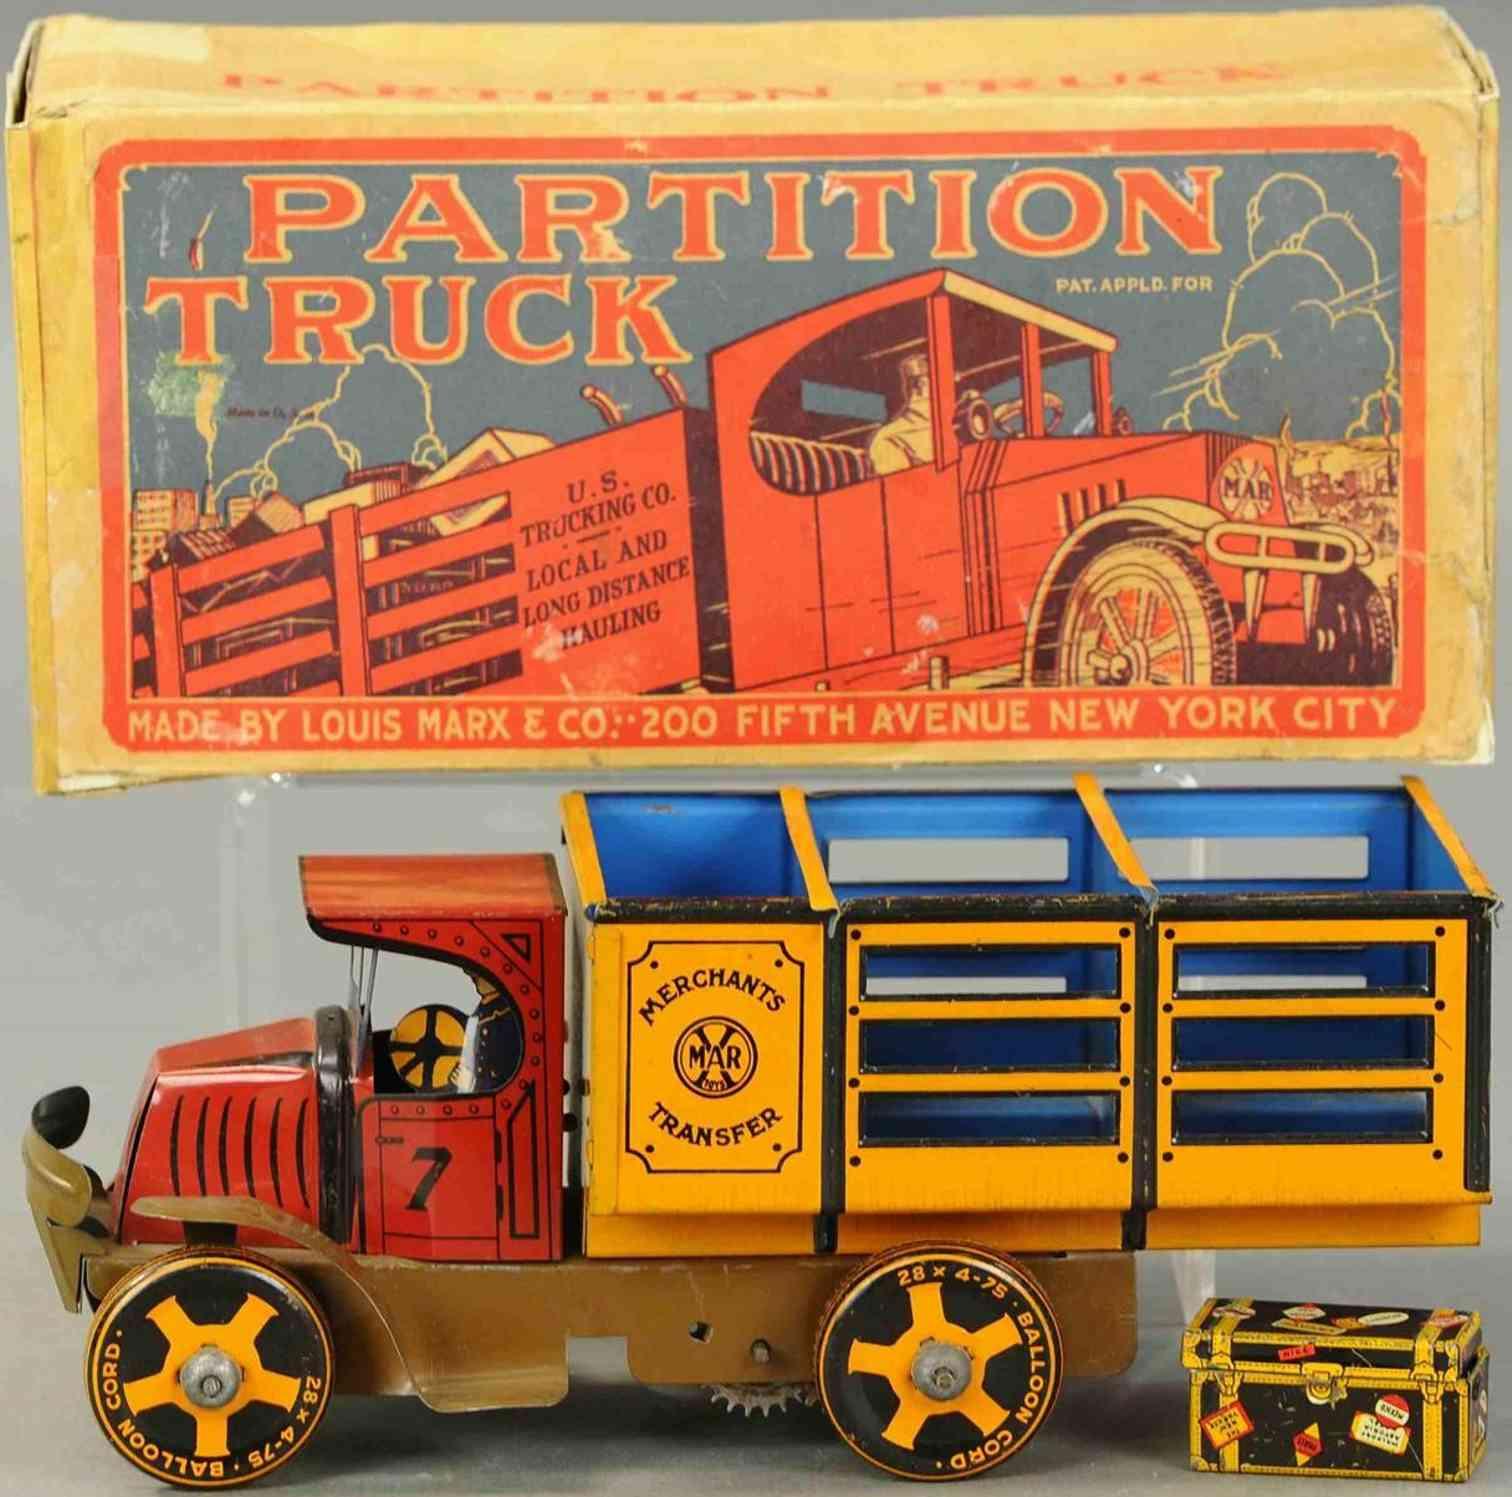 marx louis blech haendler transportwagen rot gelb braun blau